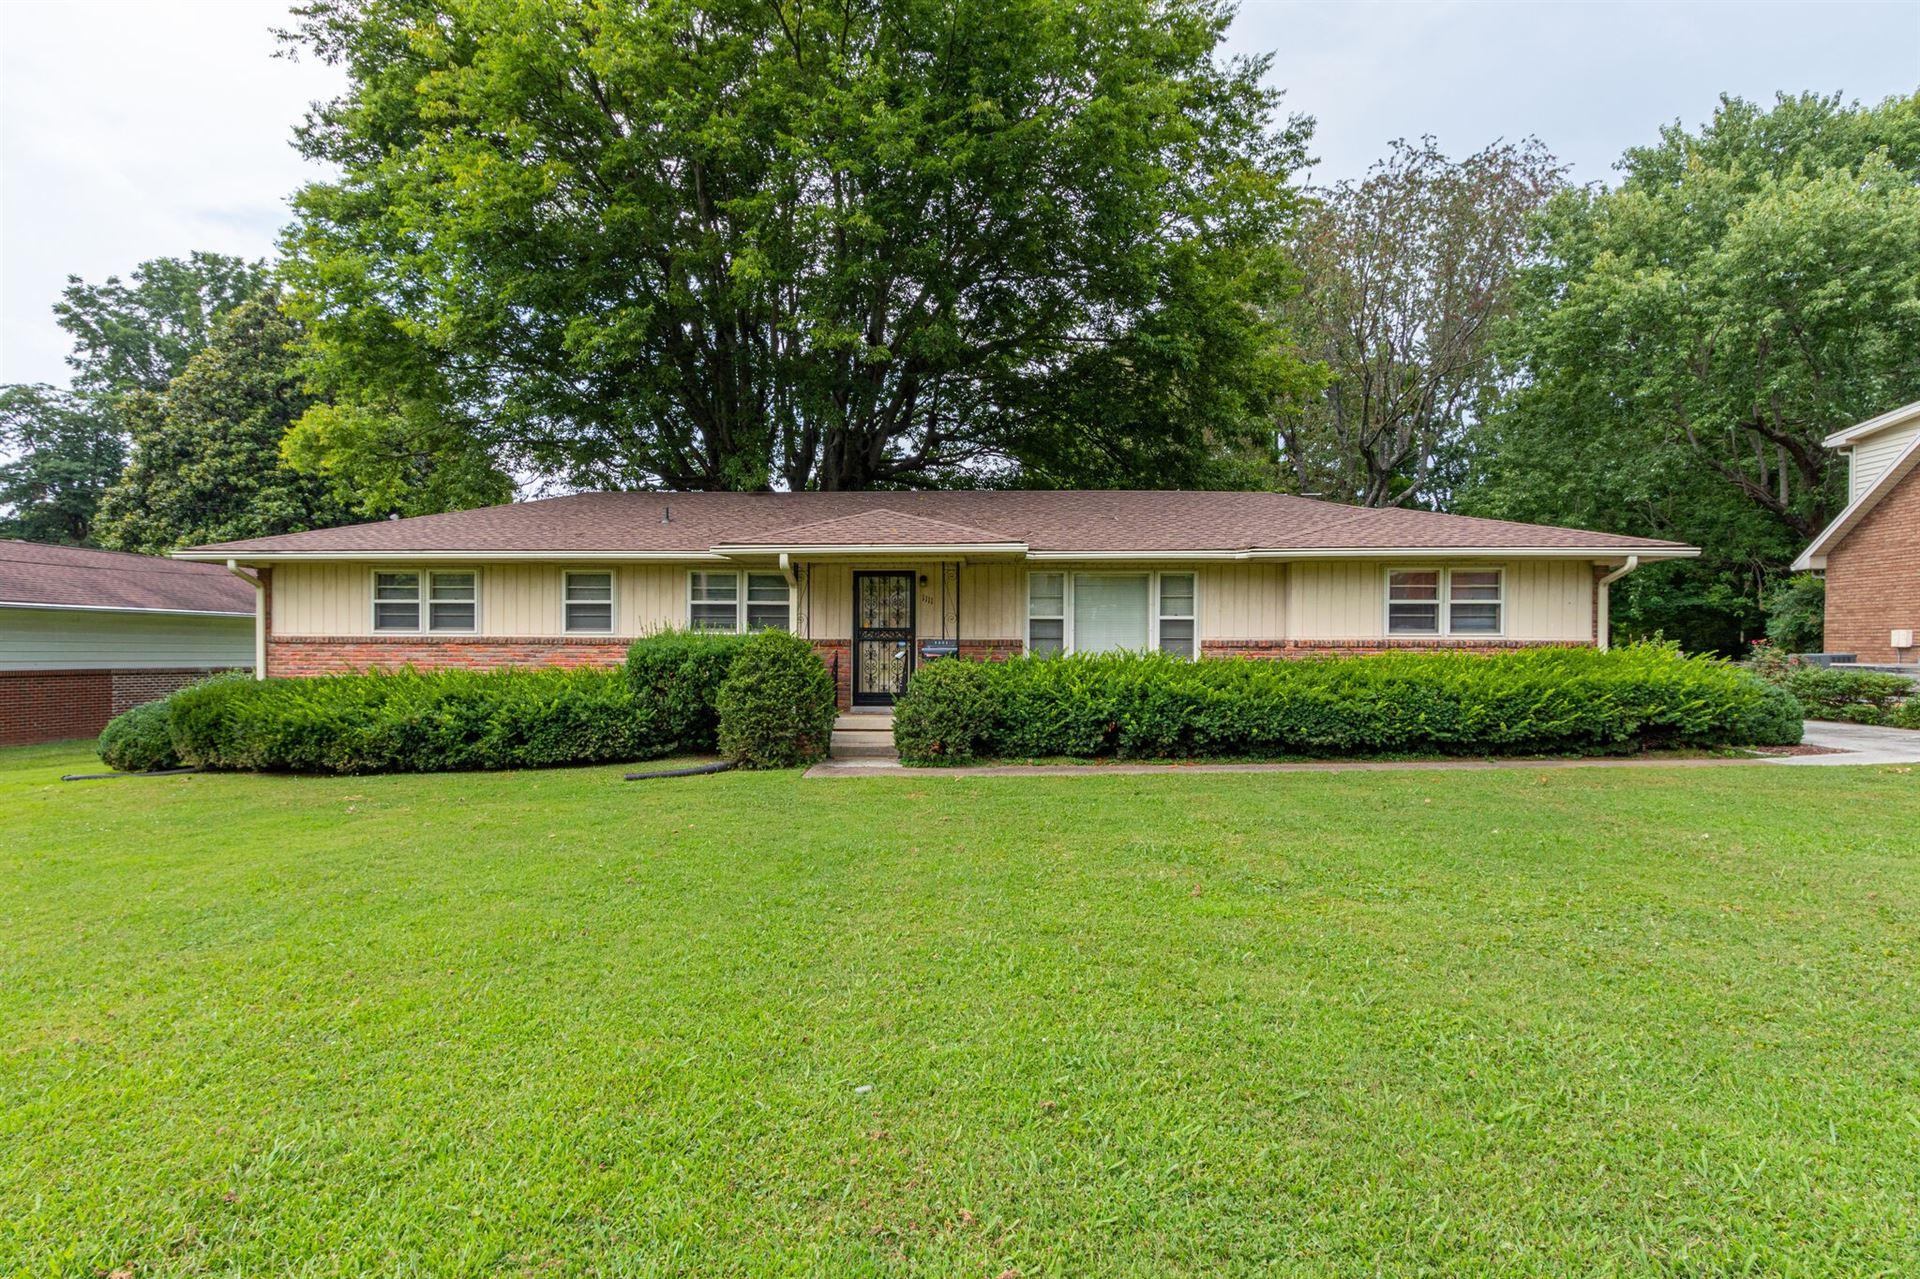 1111 Jones Blvd, Murfreesboro, TN 37129 - MLS#: 2275813